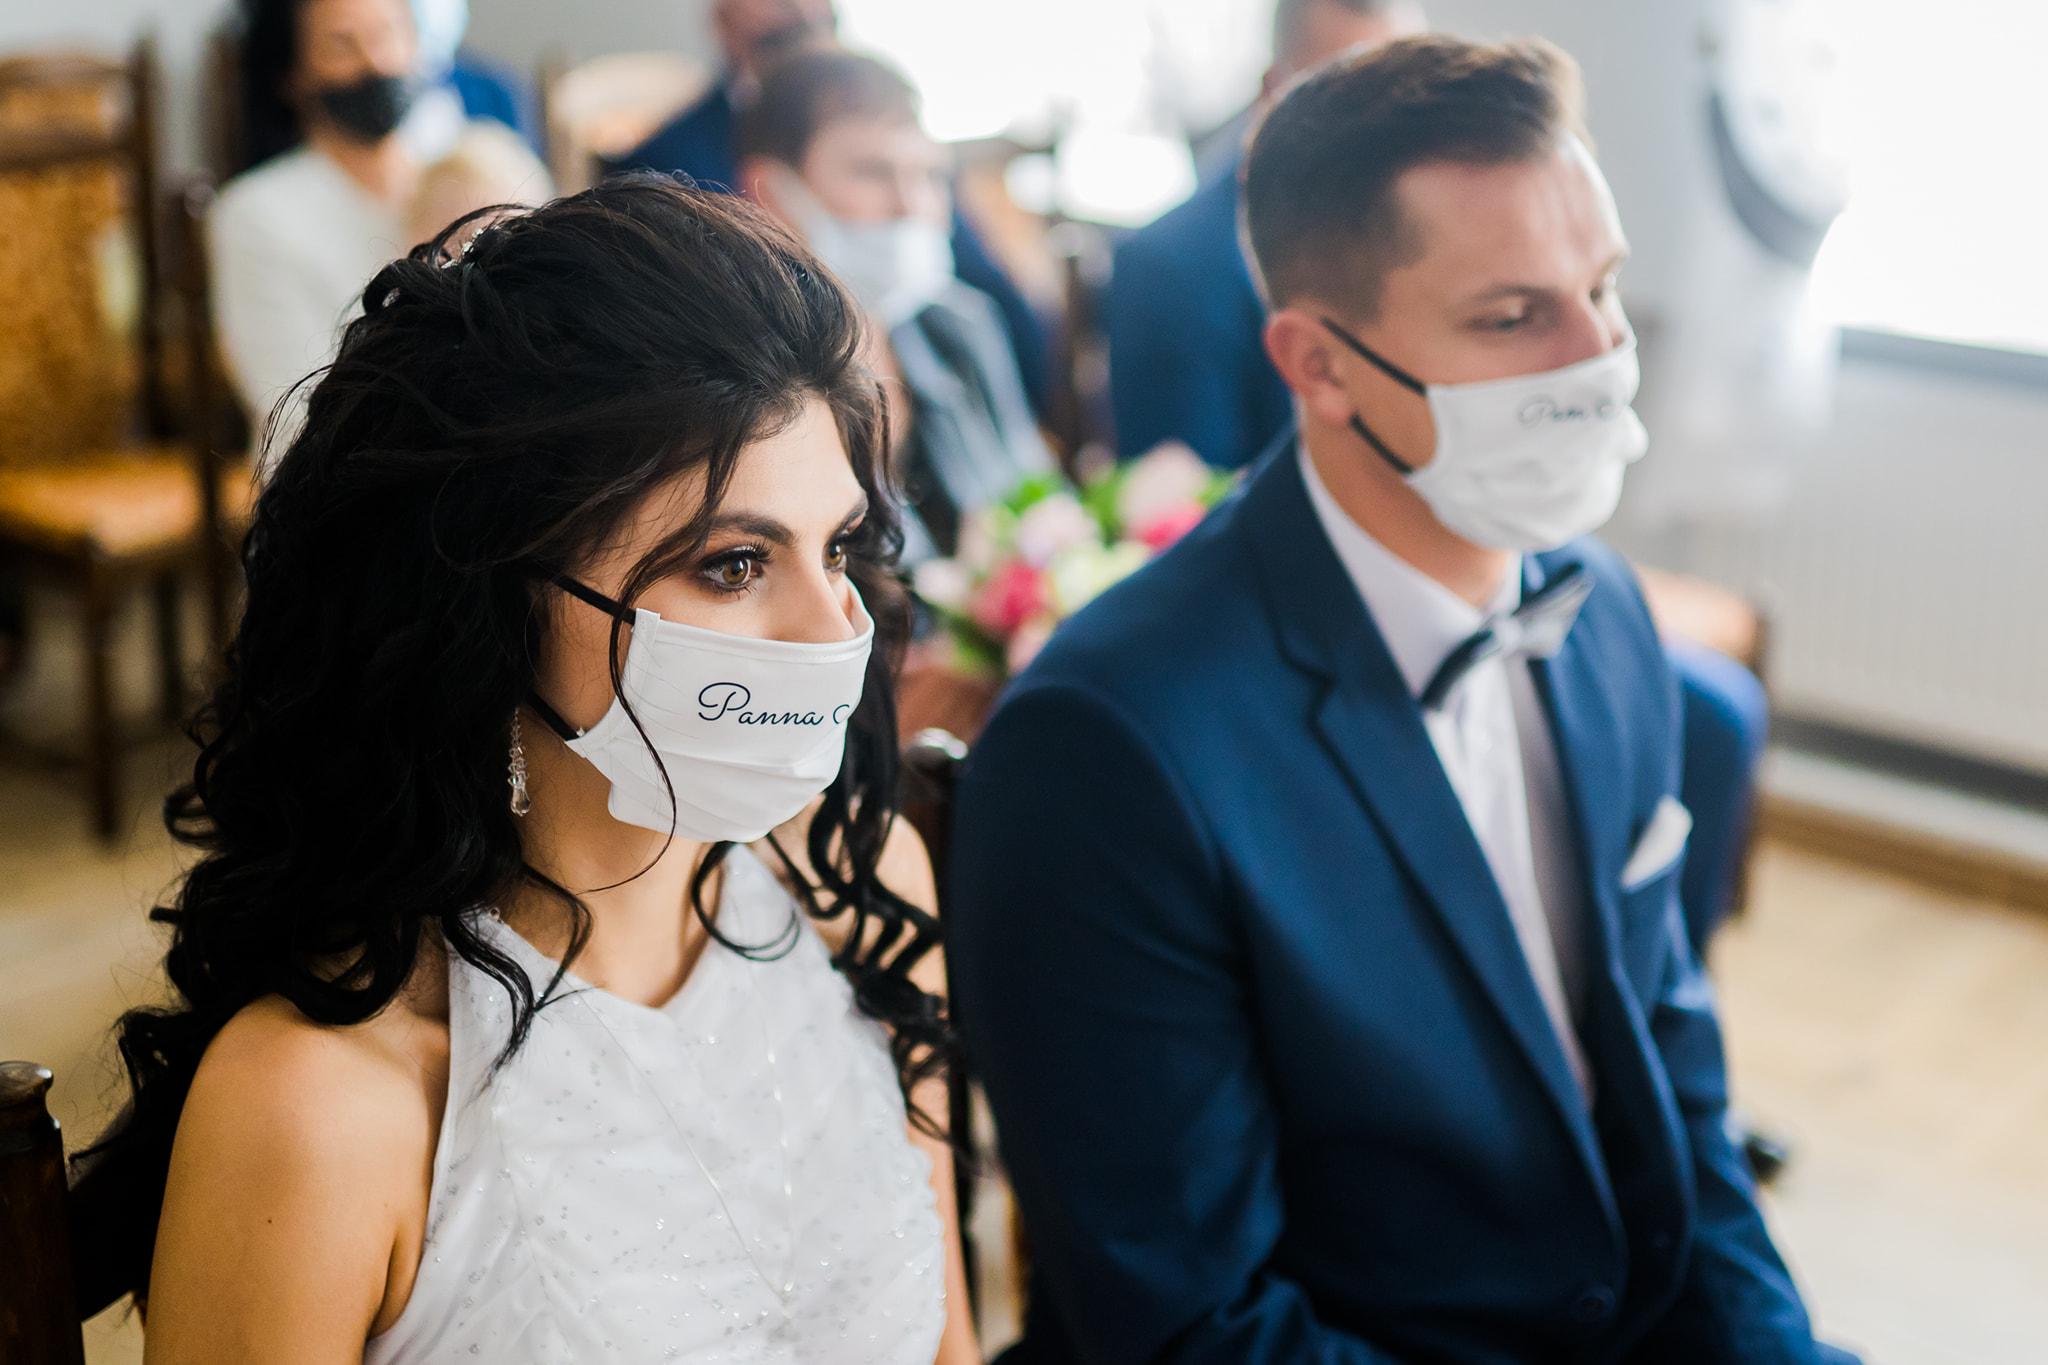 Wzięli ślub mimo pandemii! Gwiazdorska para disco polo powiedziała